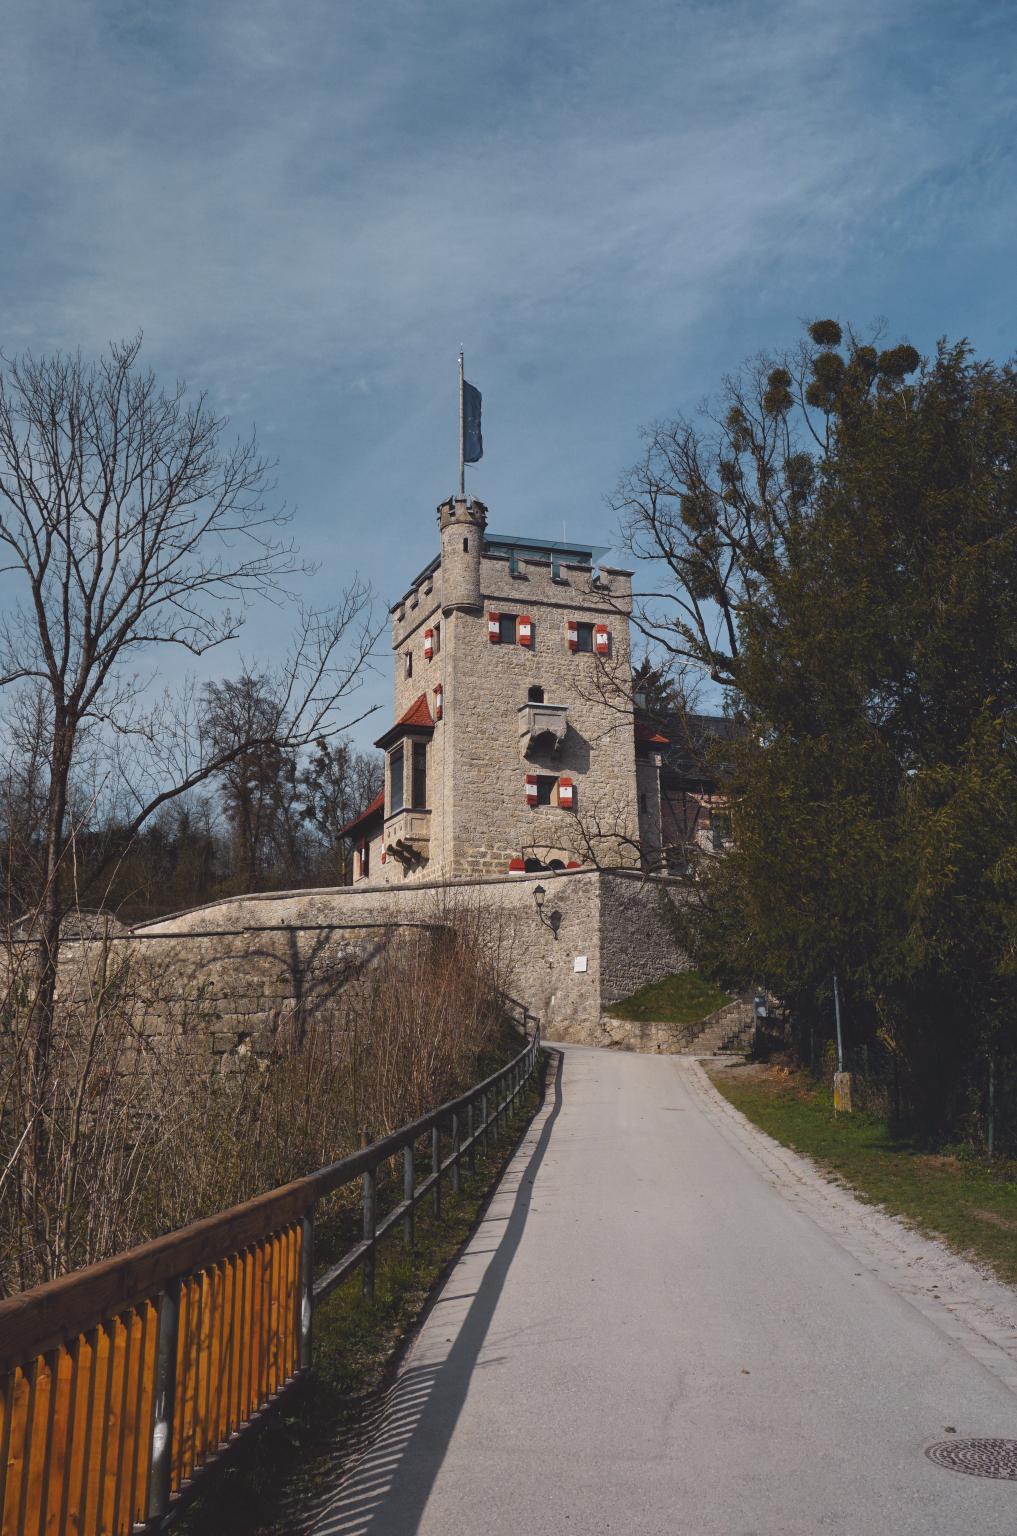 Freyschlössl-Roter Tower, Mönchsberg, Salzburg